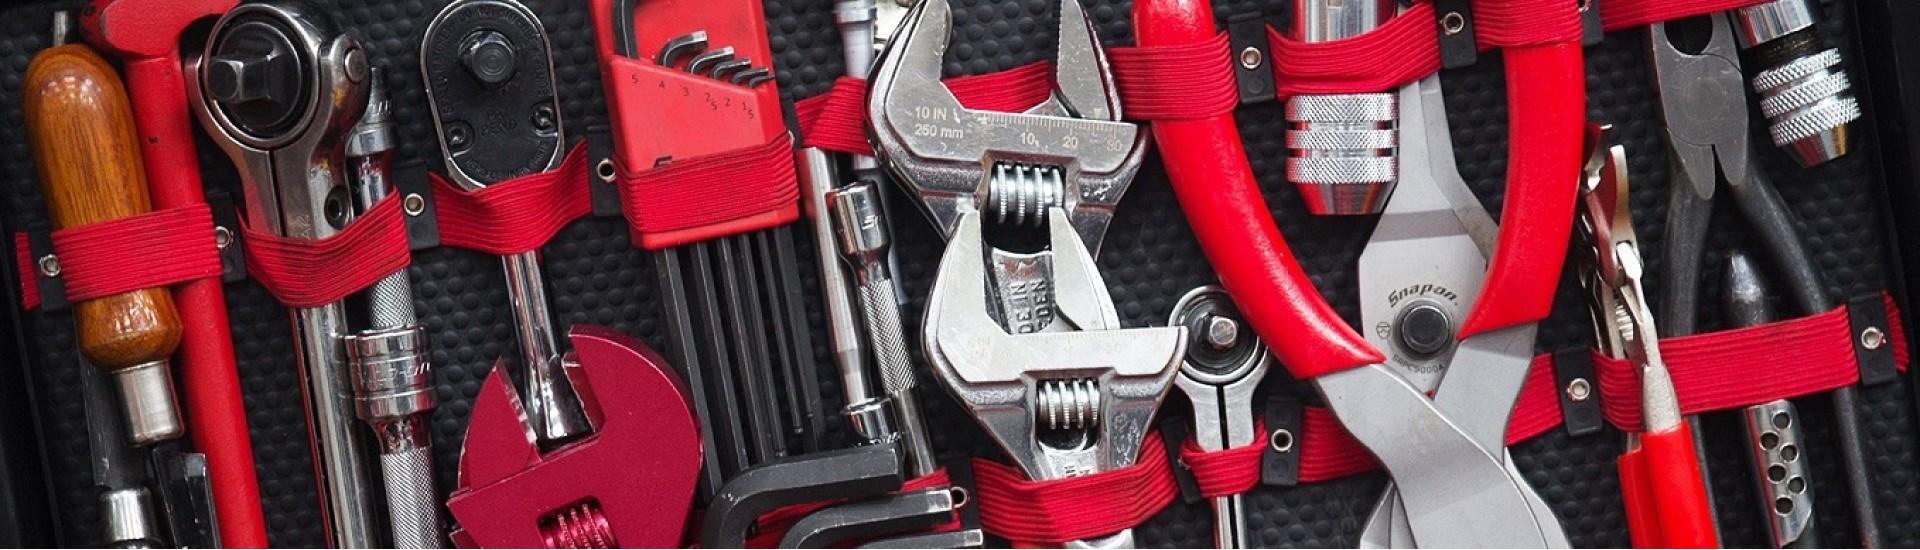 ابزار دستی ، قیمت ابزار دستی ، Hand Tools